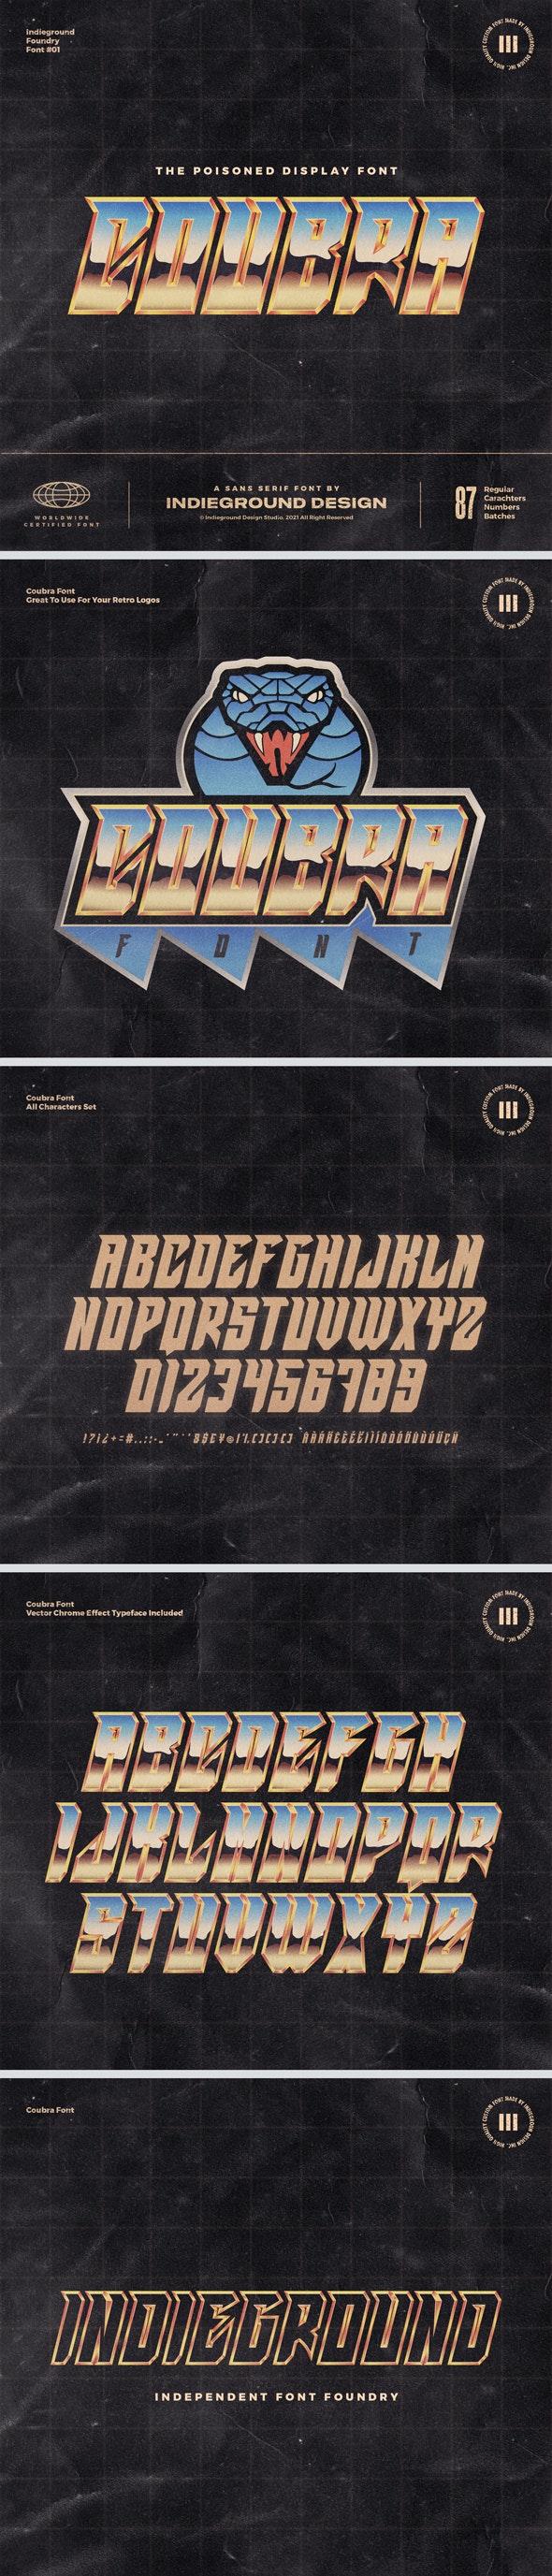 Coubra Font - Cool Fonts